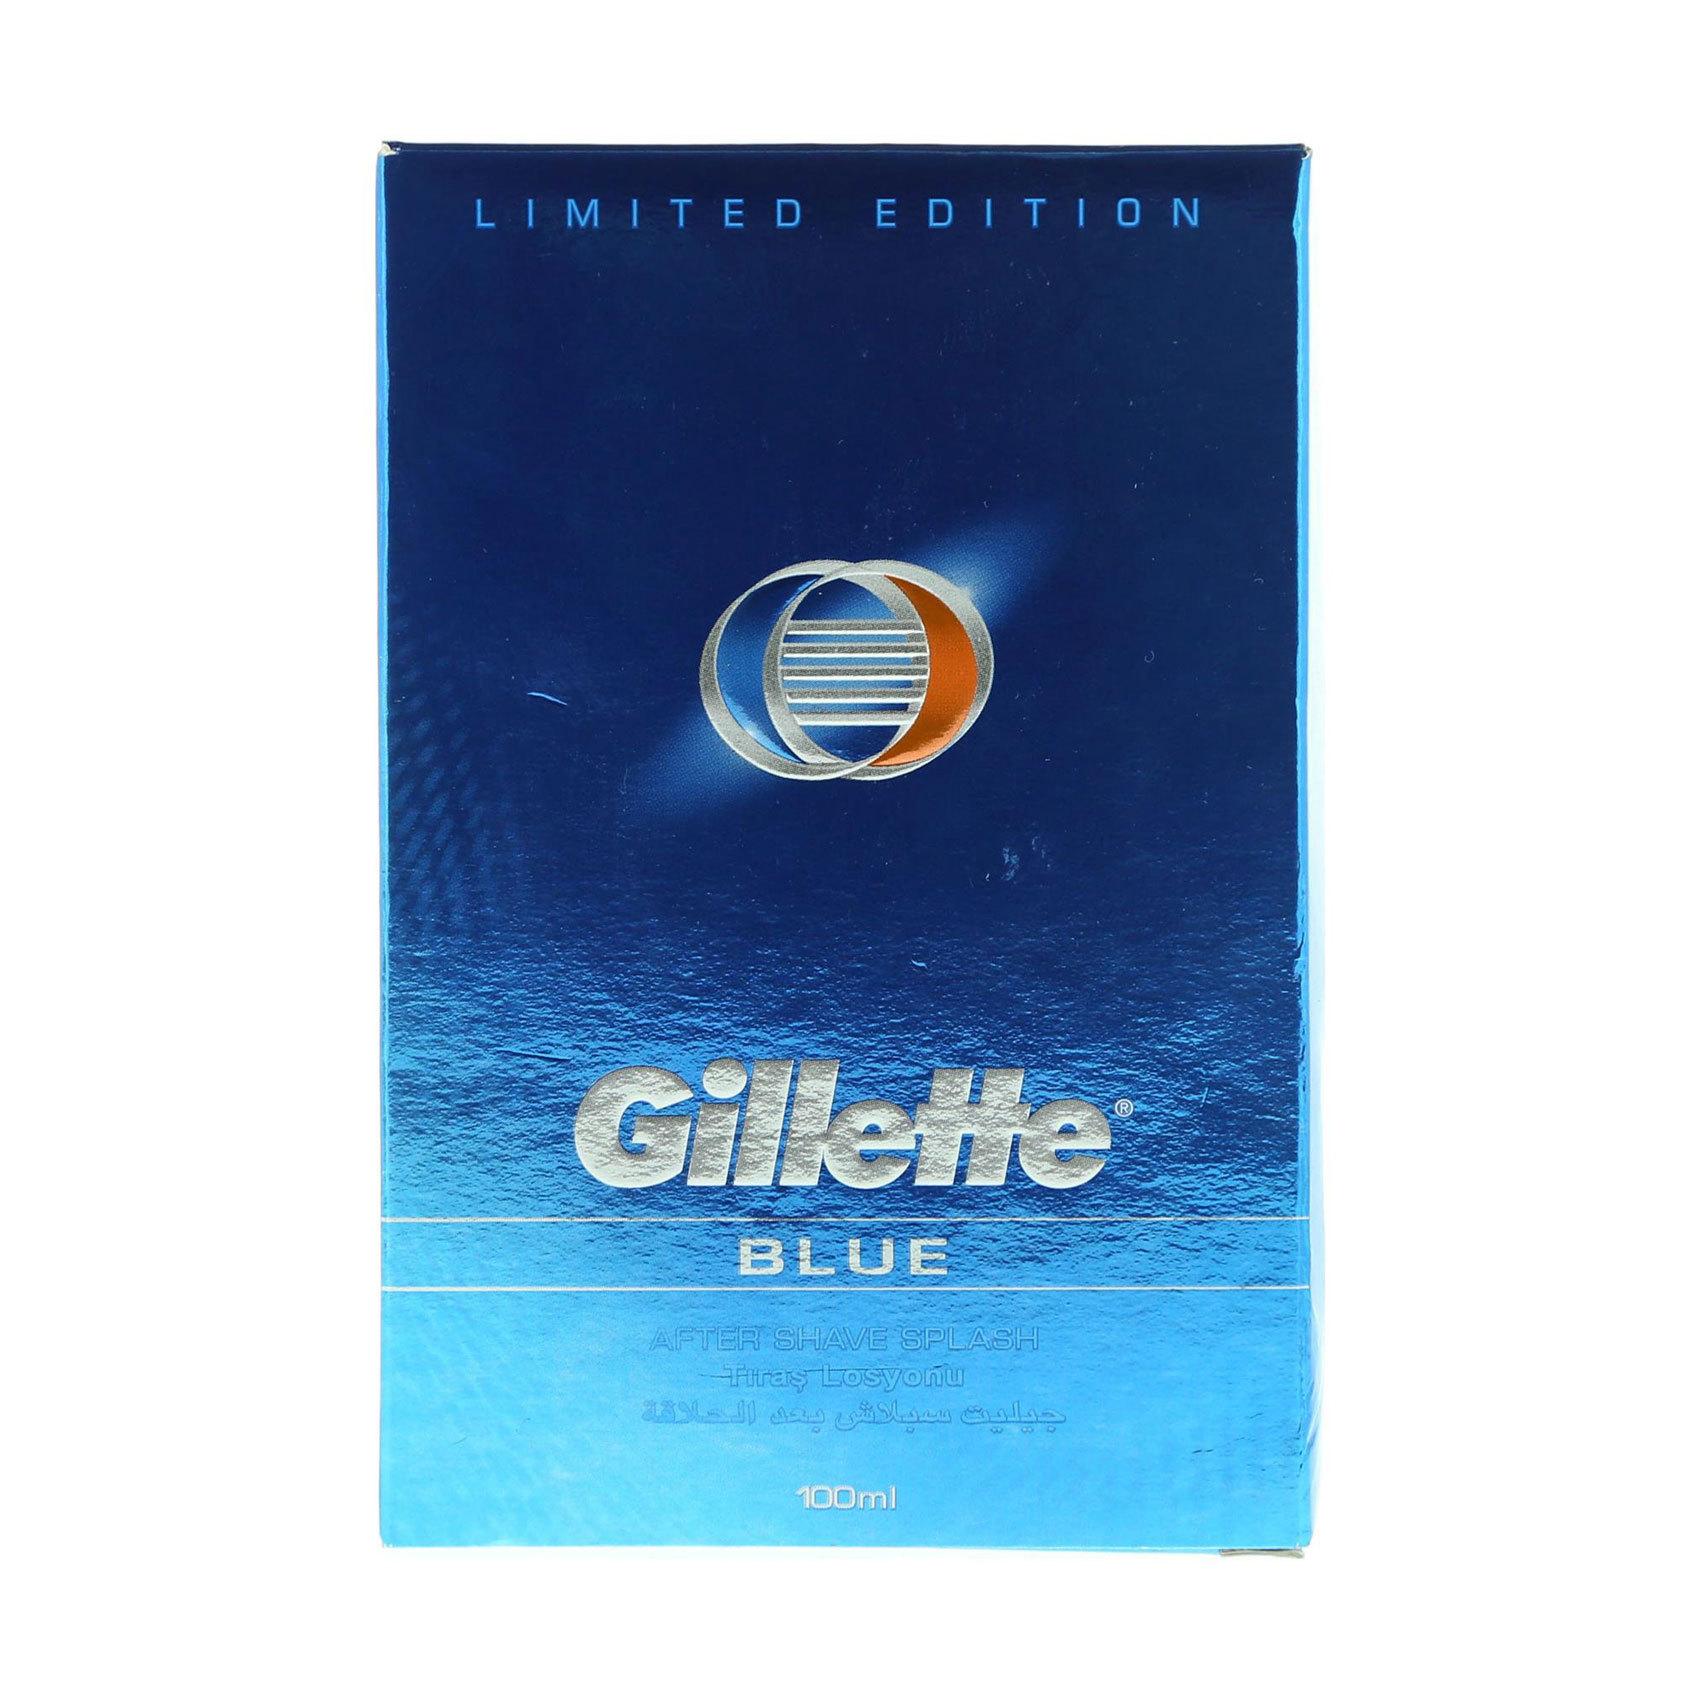 GILLETTE FUSION BL A/S SPLSH 100ML